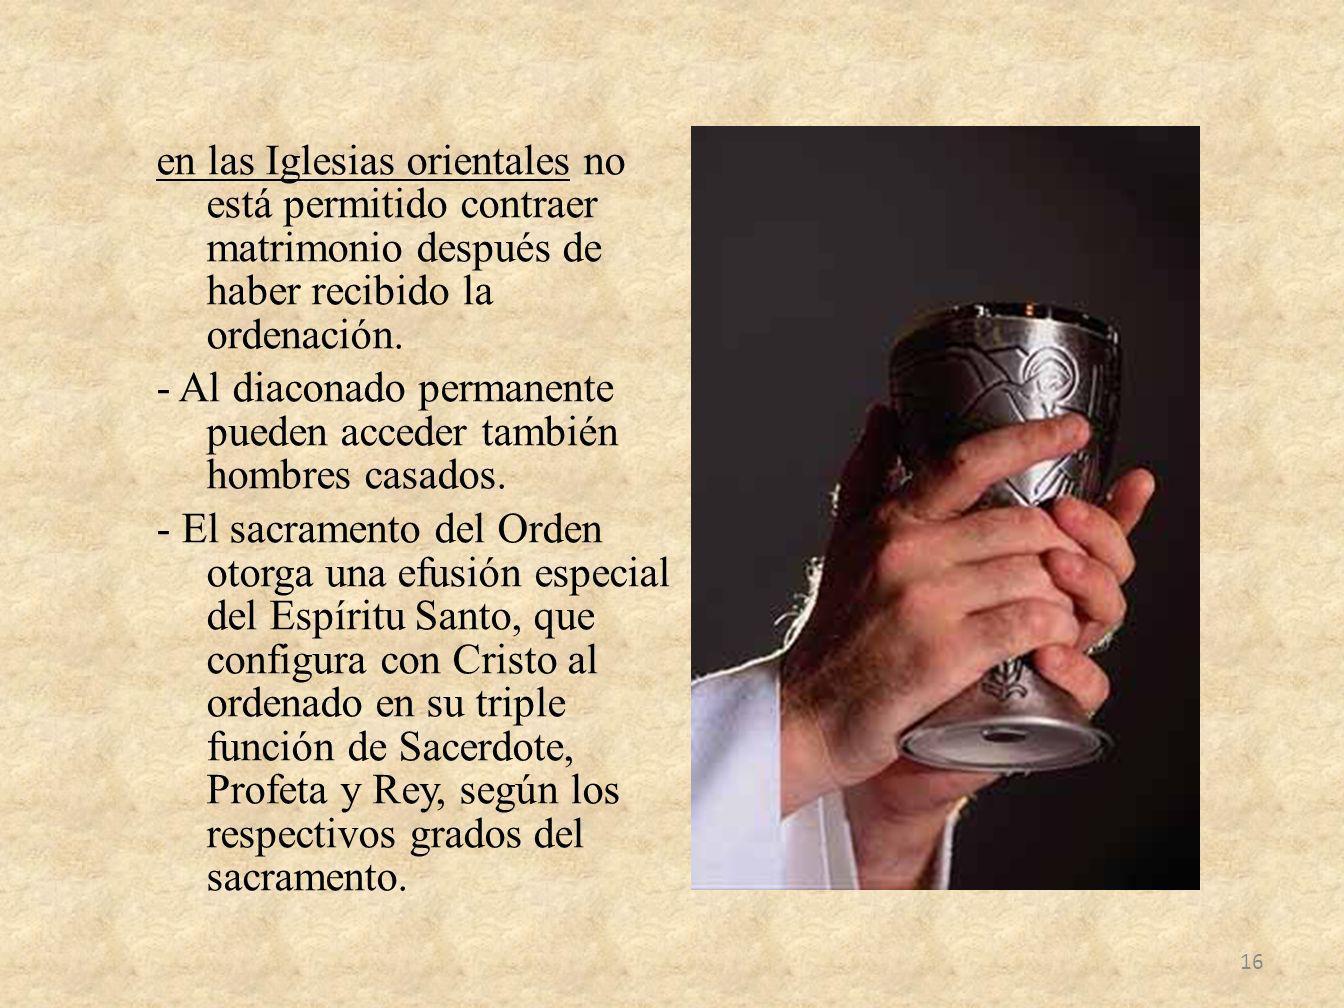 en las Iglesias orientales no está permitido contraer matrimonio después de haber recibido la ordenación. - Al diaconado permanente pueden acceder tam